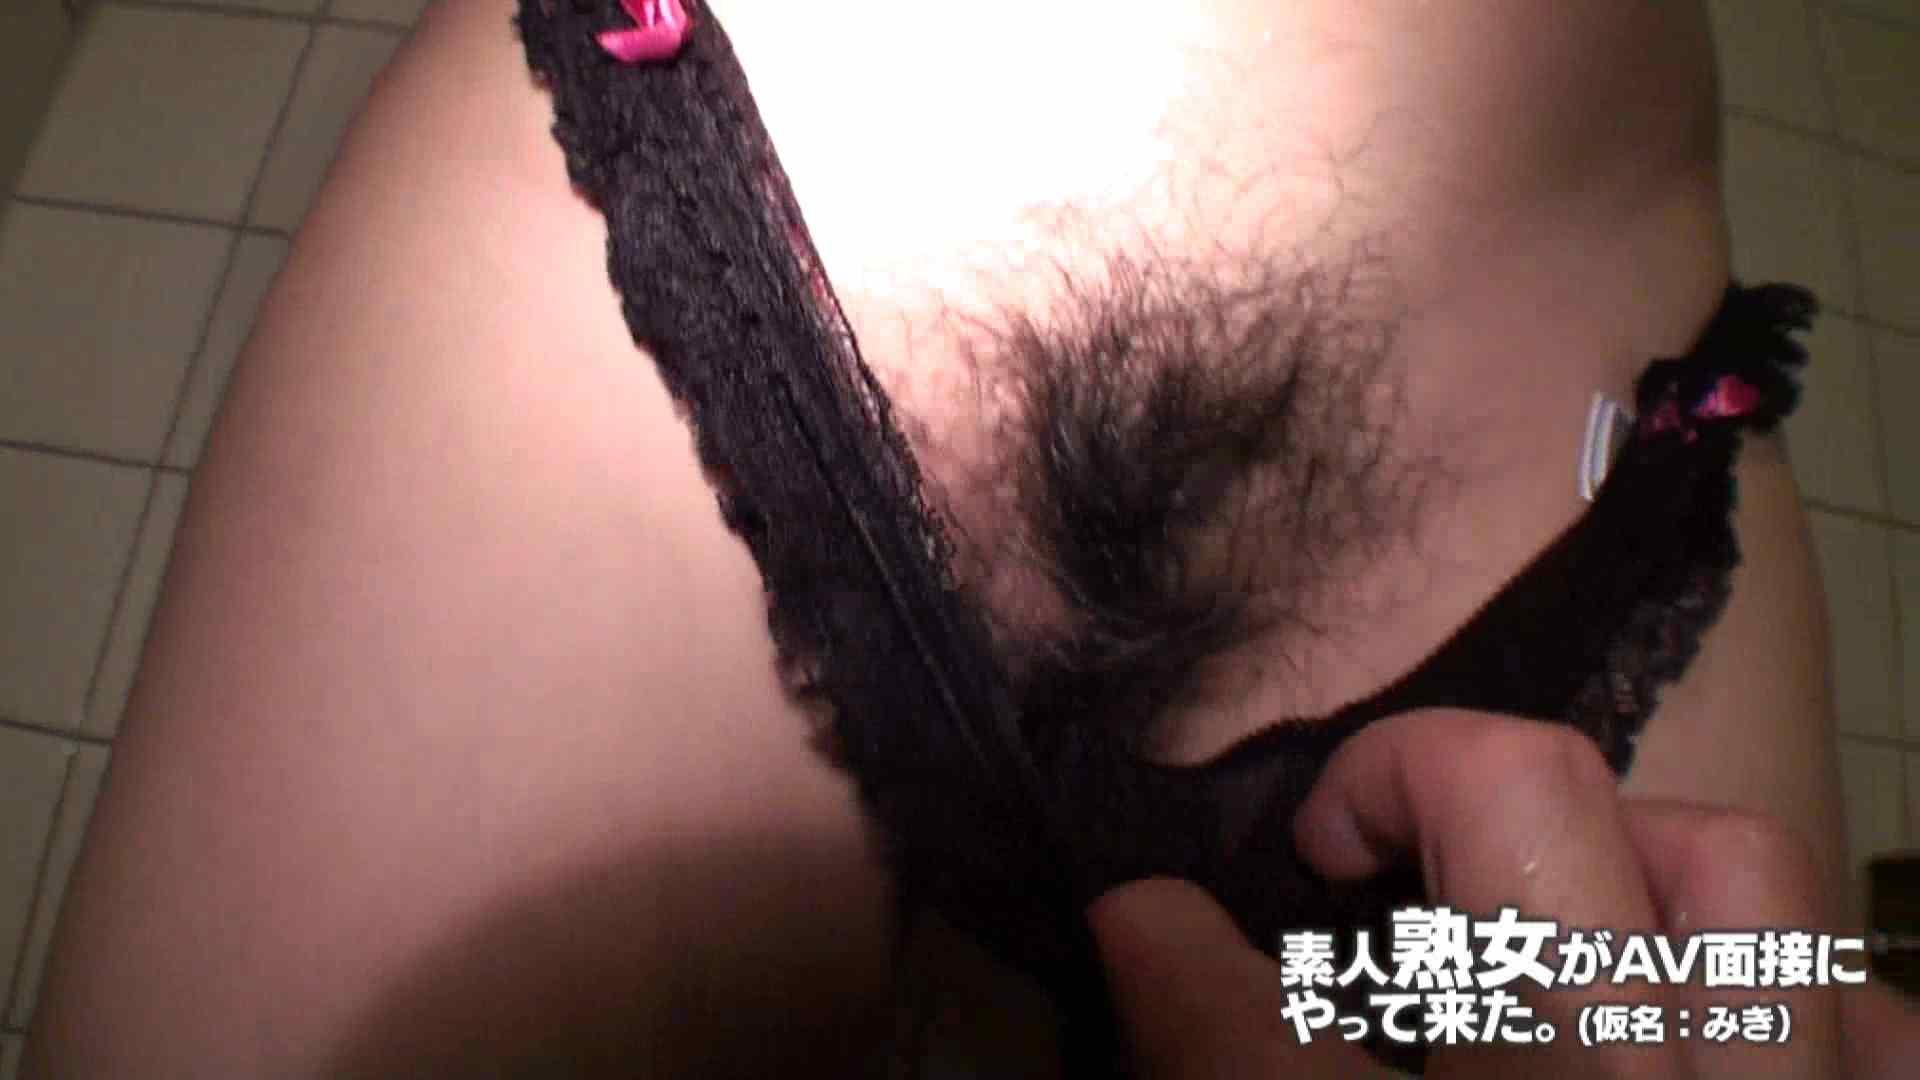 素人熟女がAV面接にやってきた (熟女)みきさんVOL.03 中出し 性交動画流出 105pic 83